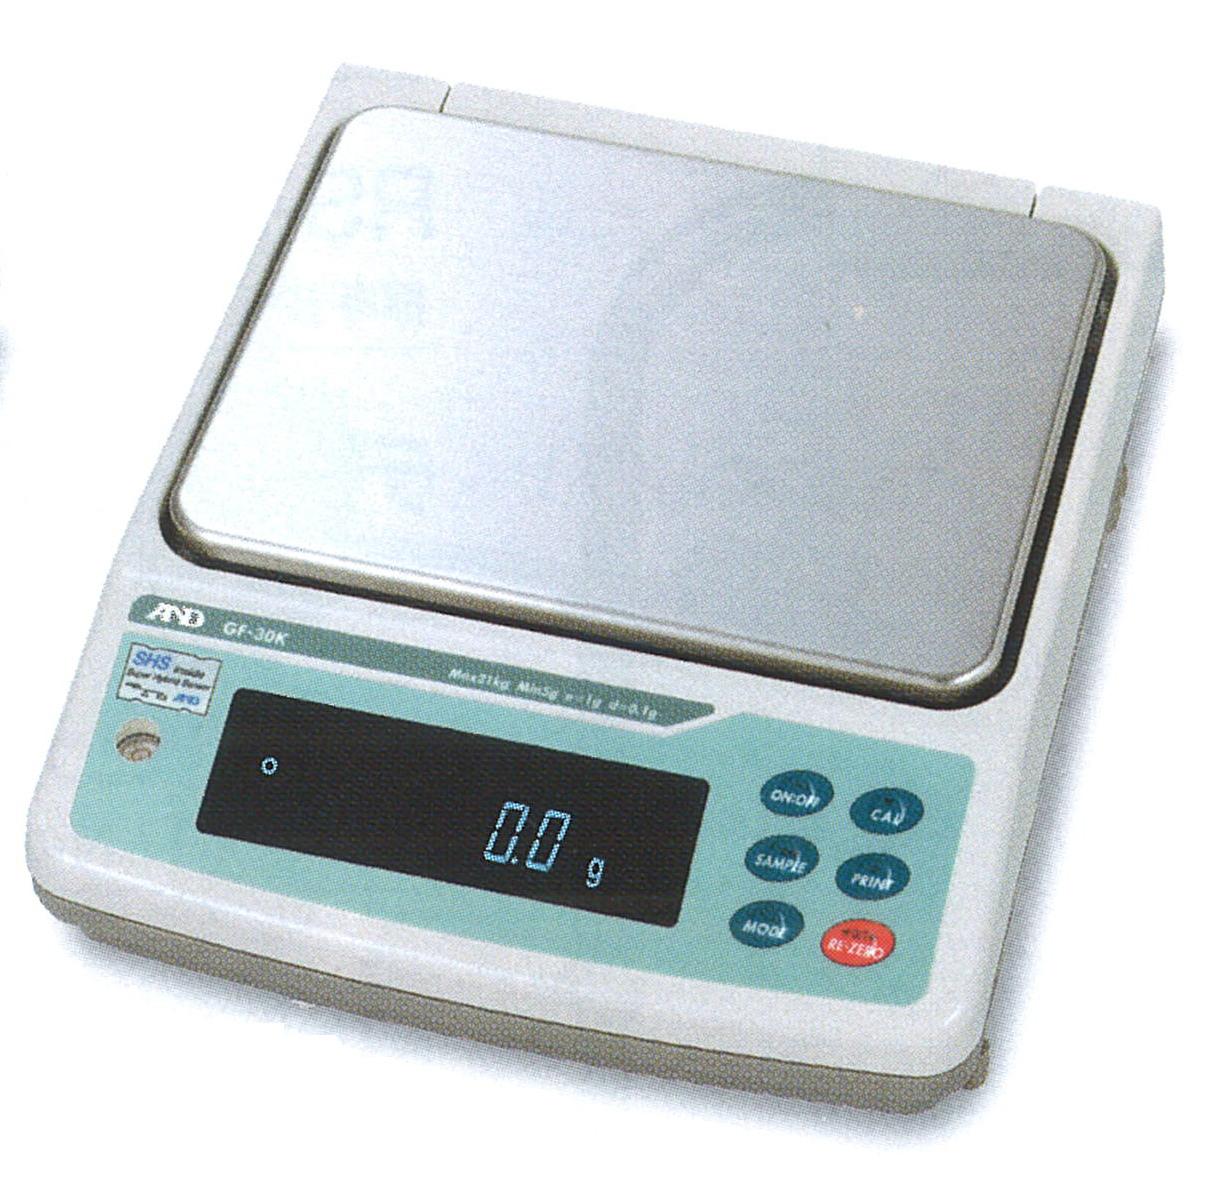 はかり ひょう量12kg 最小0.1g